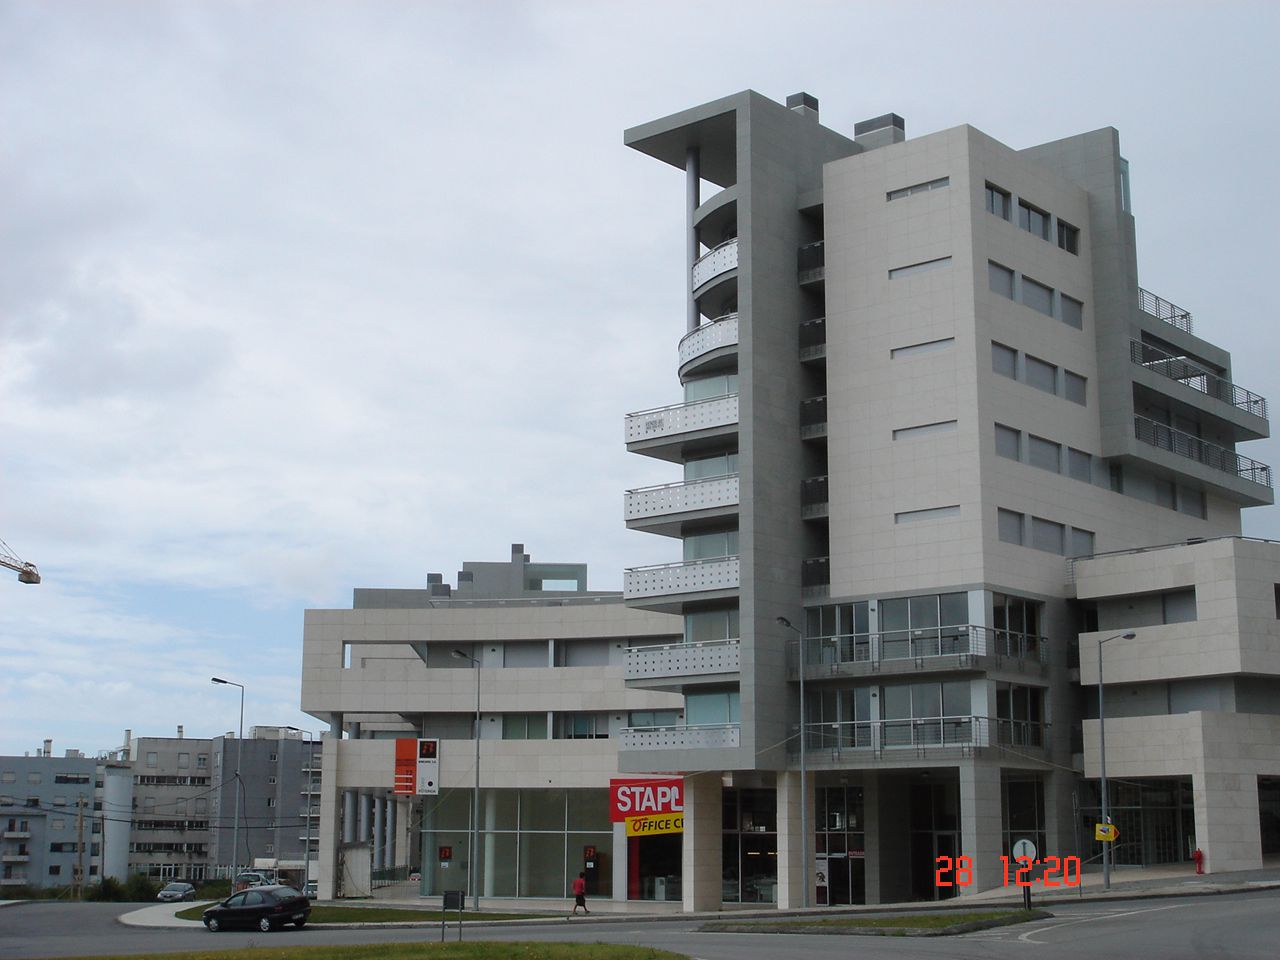 Edifício da Rotunda em Viana do Castelo